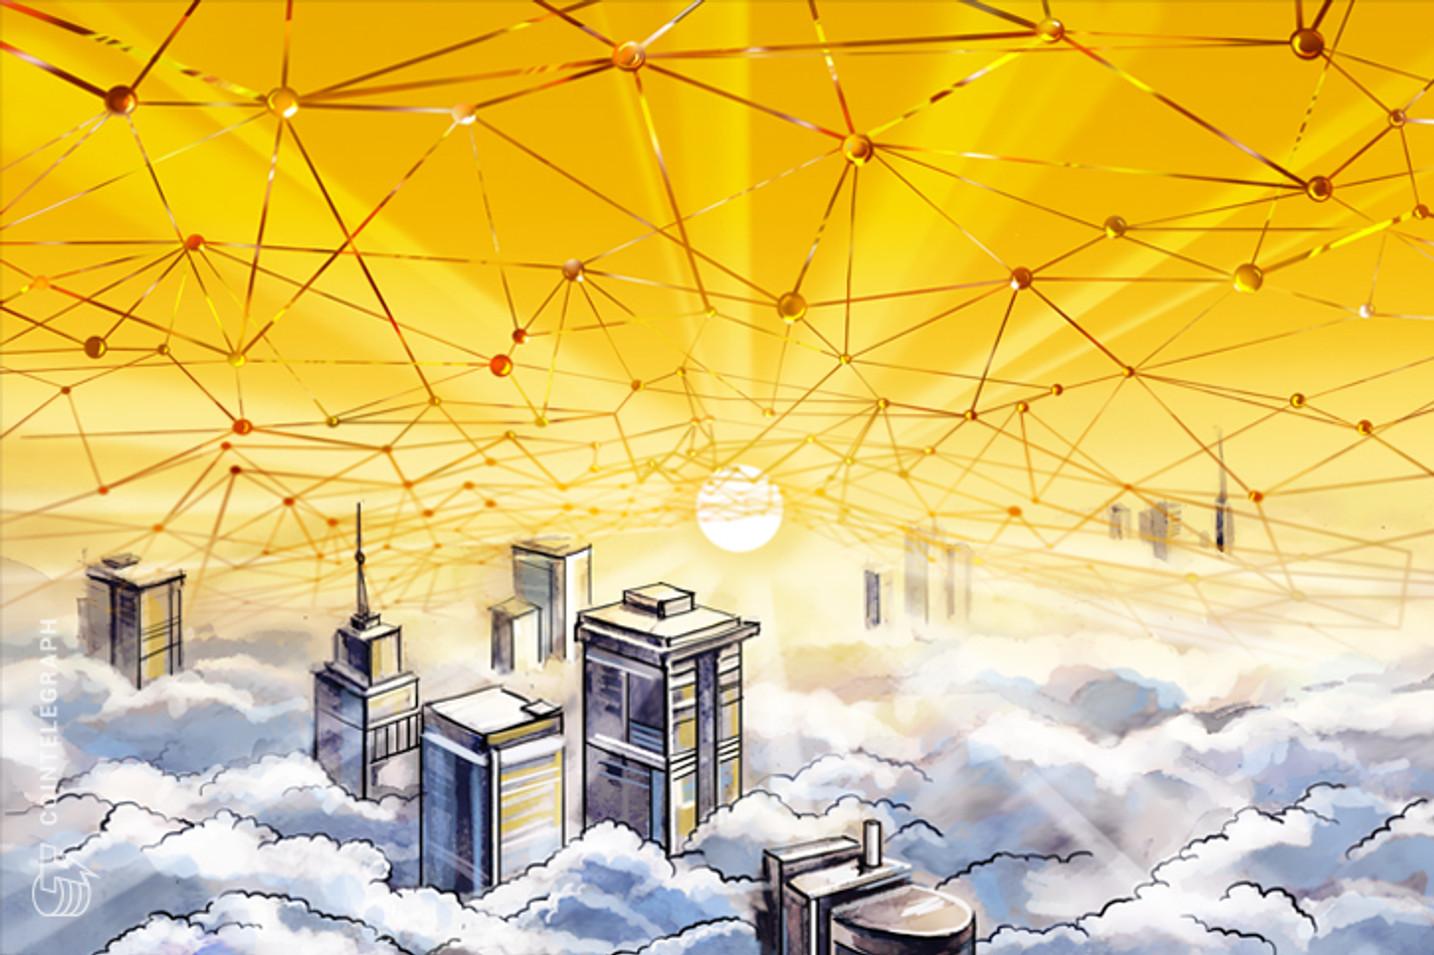 ブロックチェーンがクラウド2.0である理由:専門家の見方